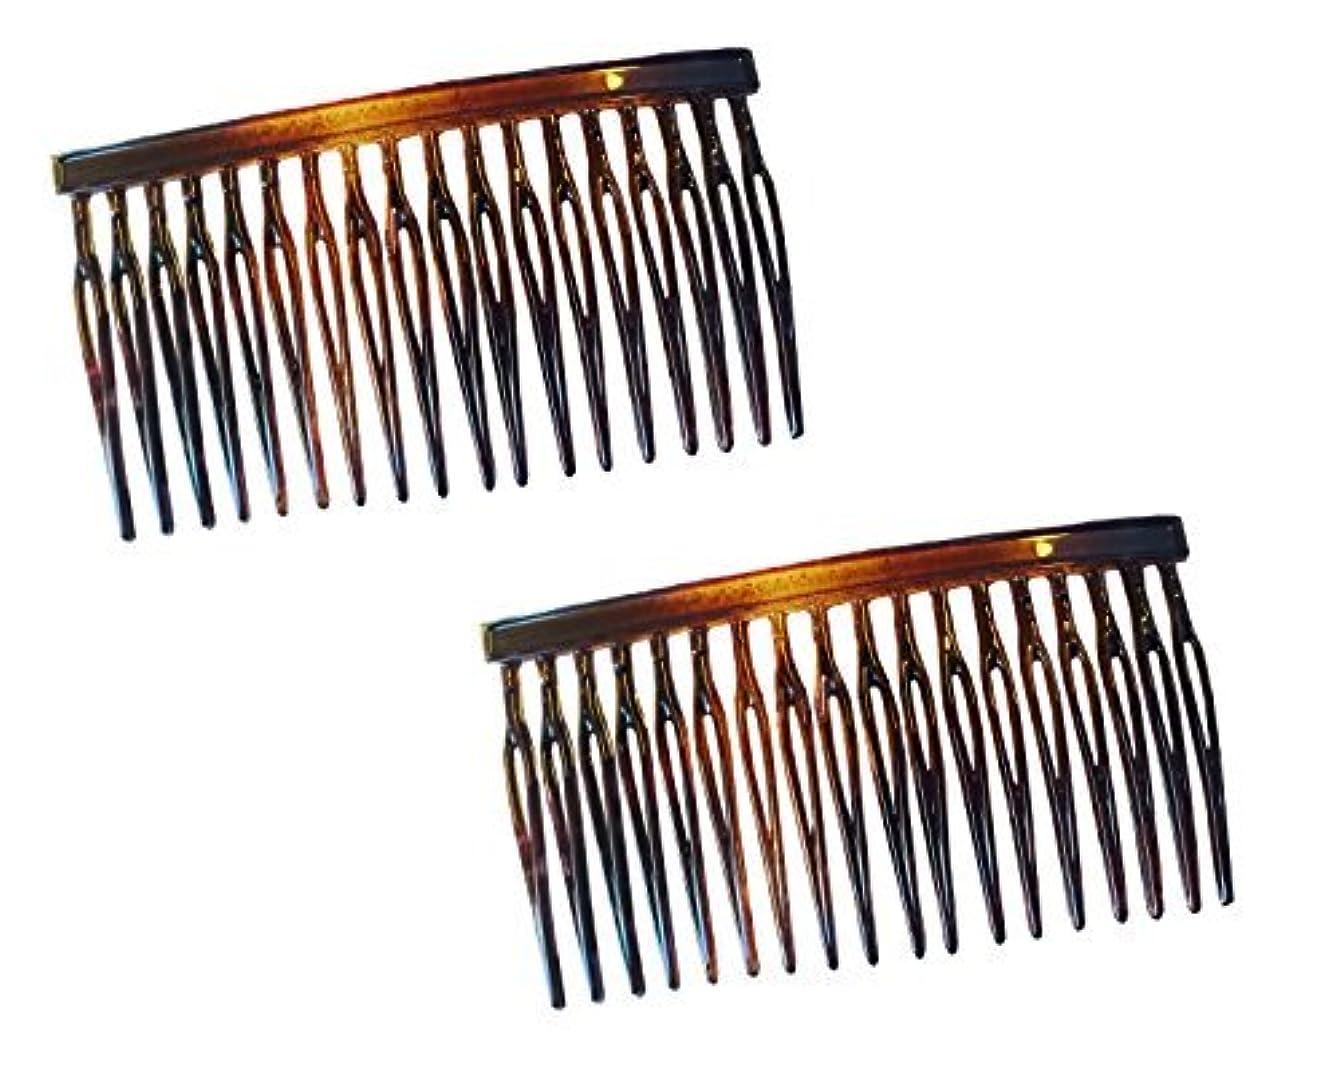 現実的インレイバーストParcelona French Light 2 Pieces Small Glossy Celluloid Shell Good Grip Updo 18 Teeth Side Hair Comb Combs [並行輸入品]